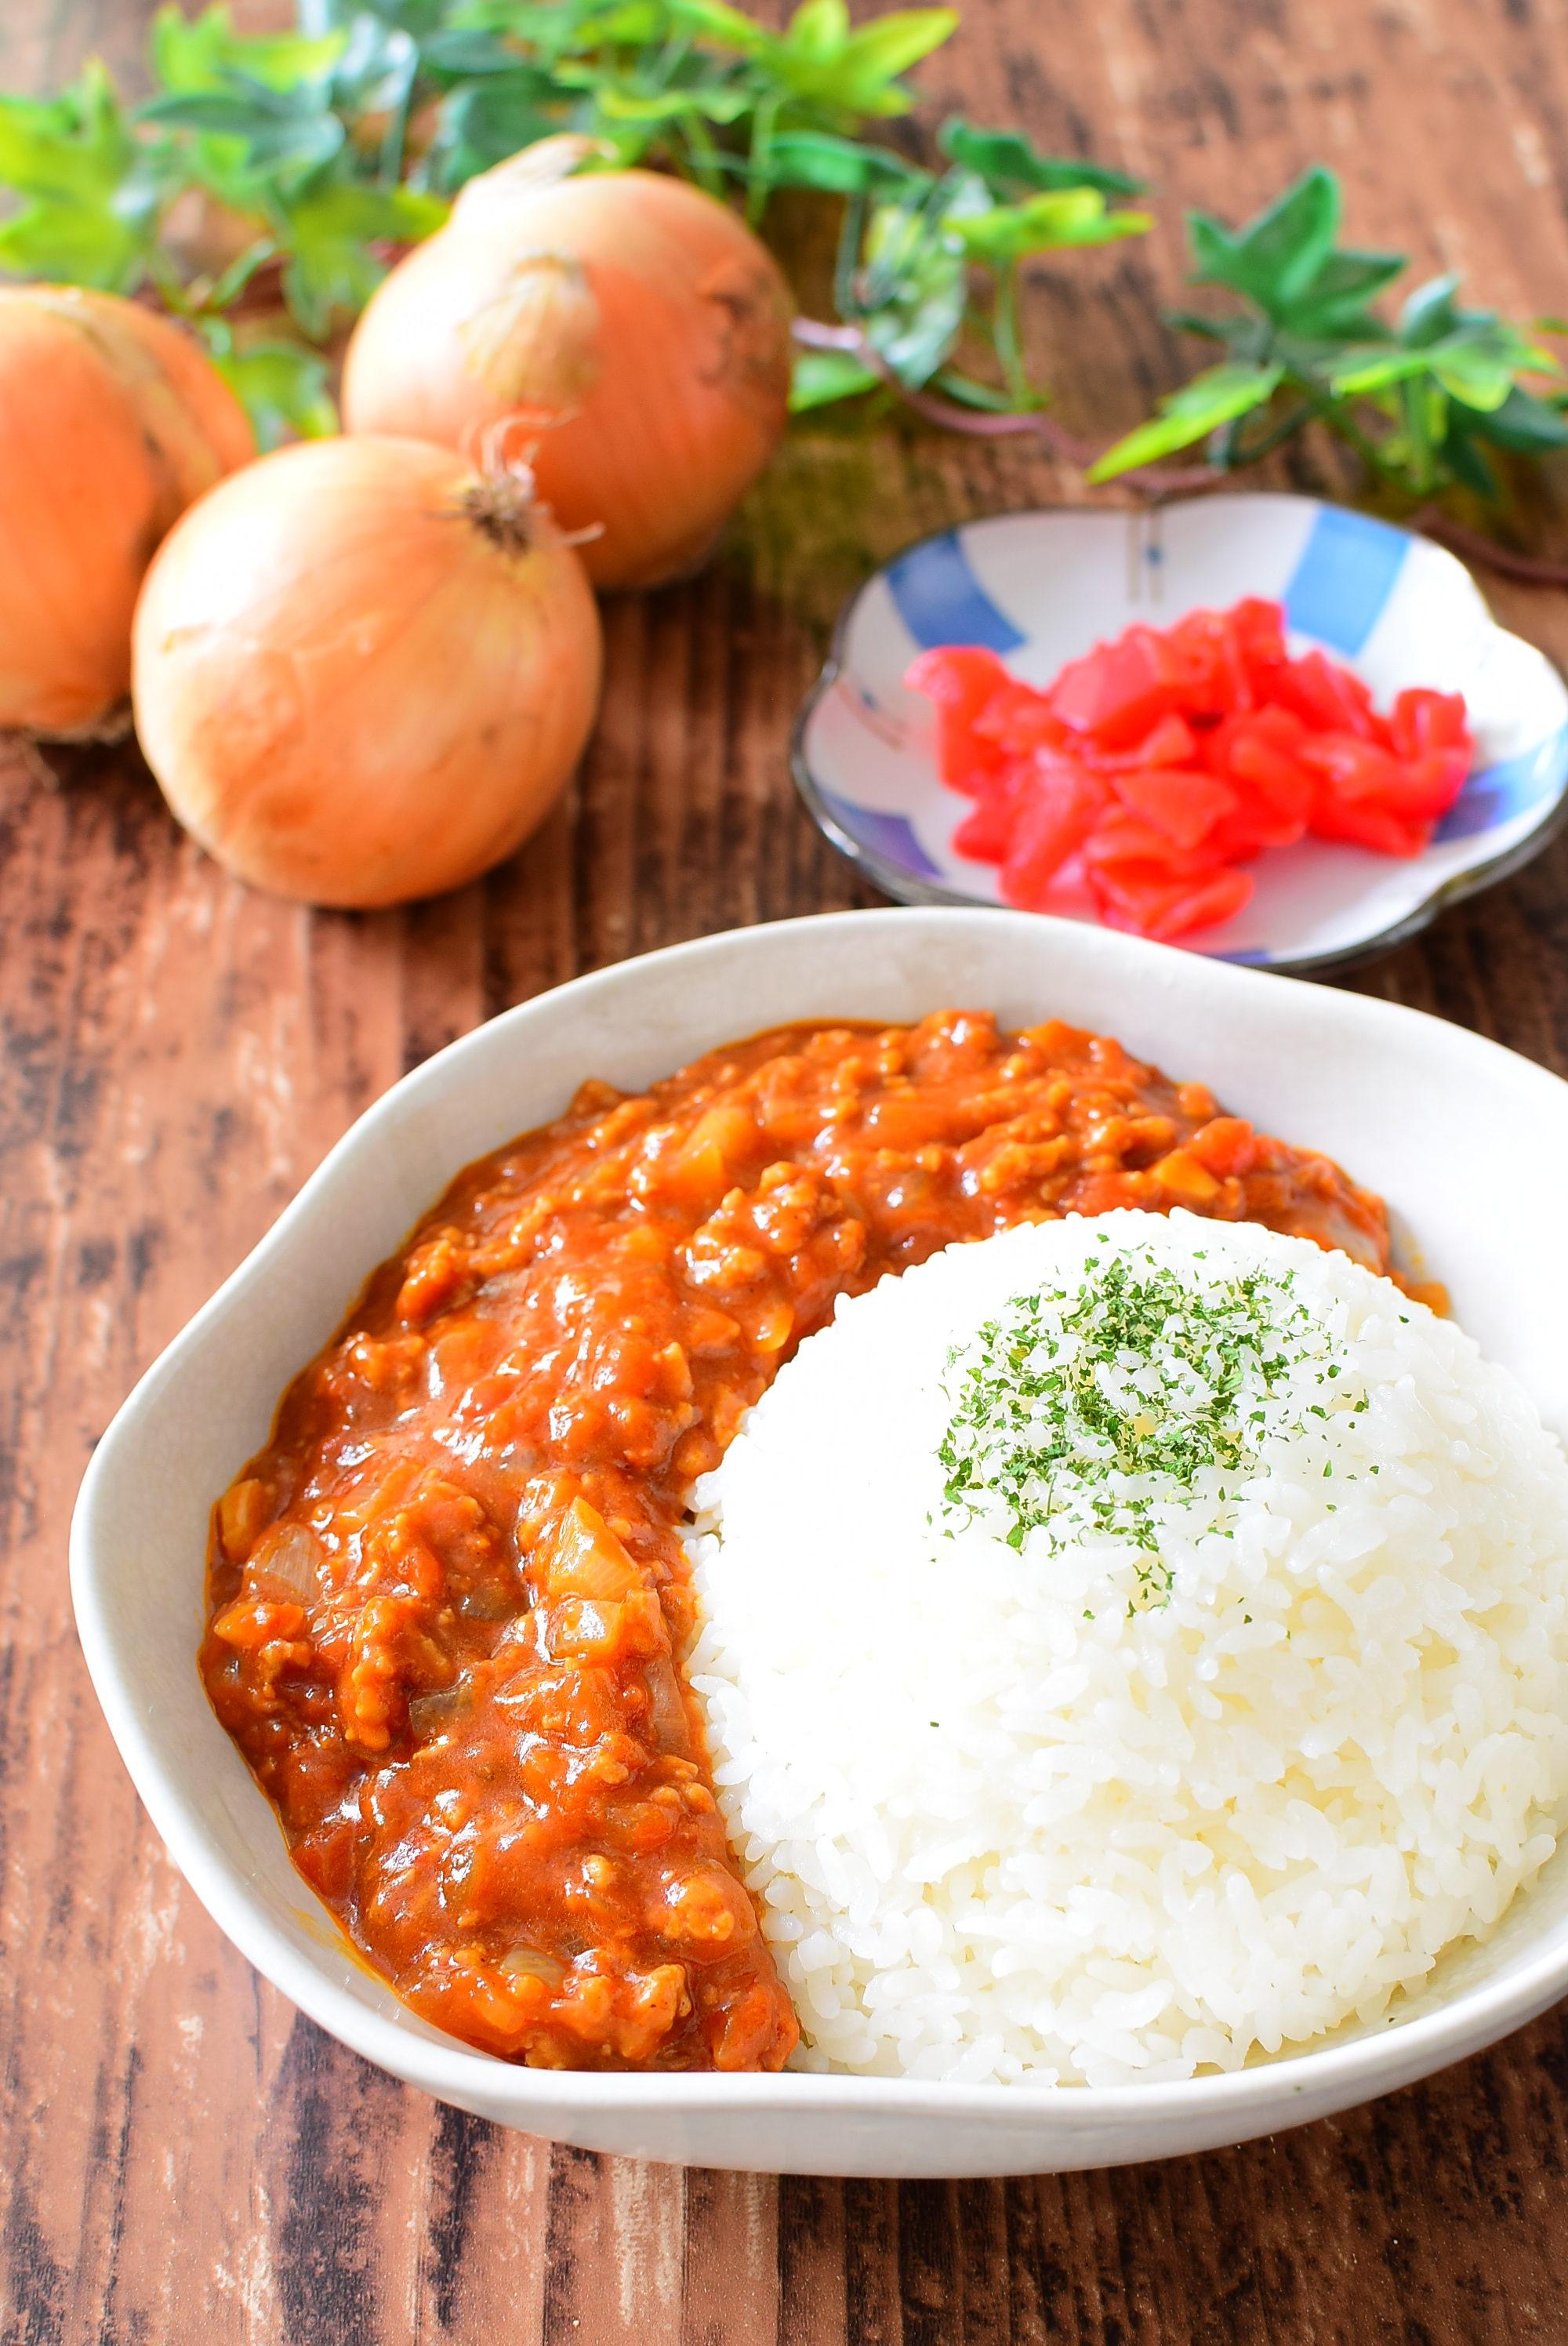 ホールトマト入りキーマカレーのレシピ